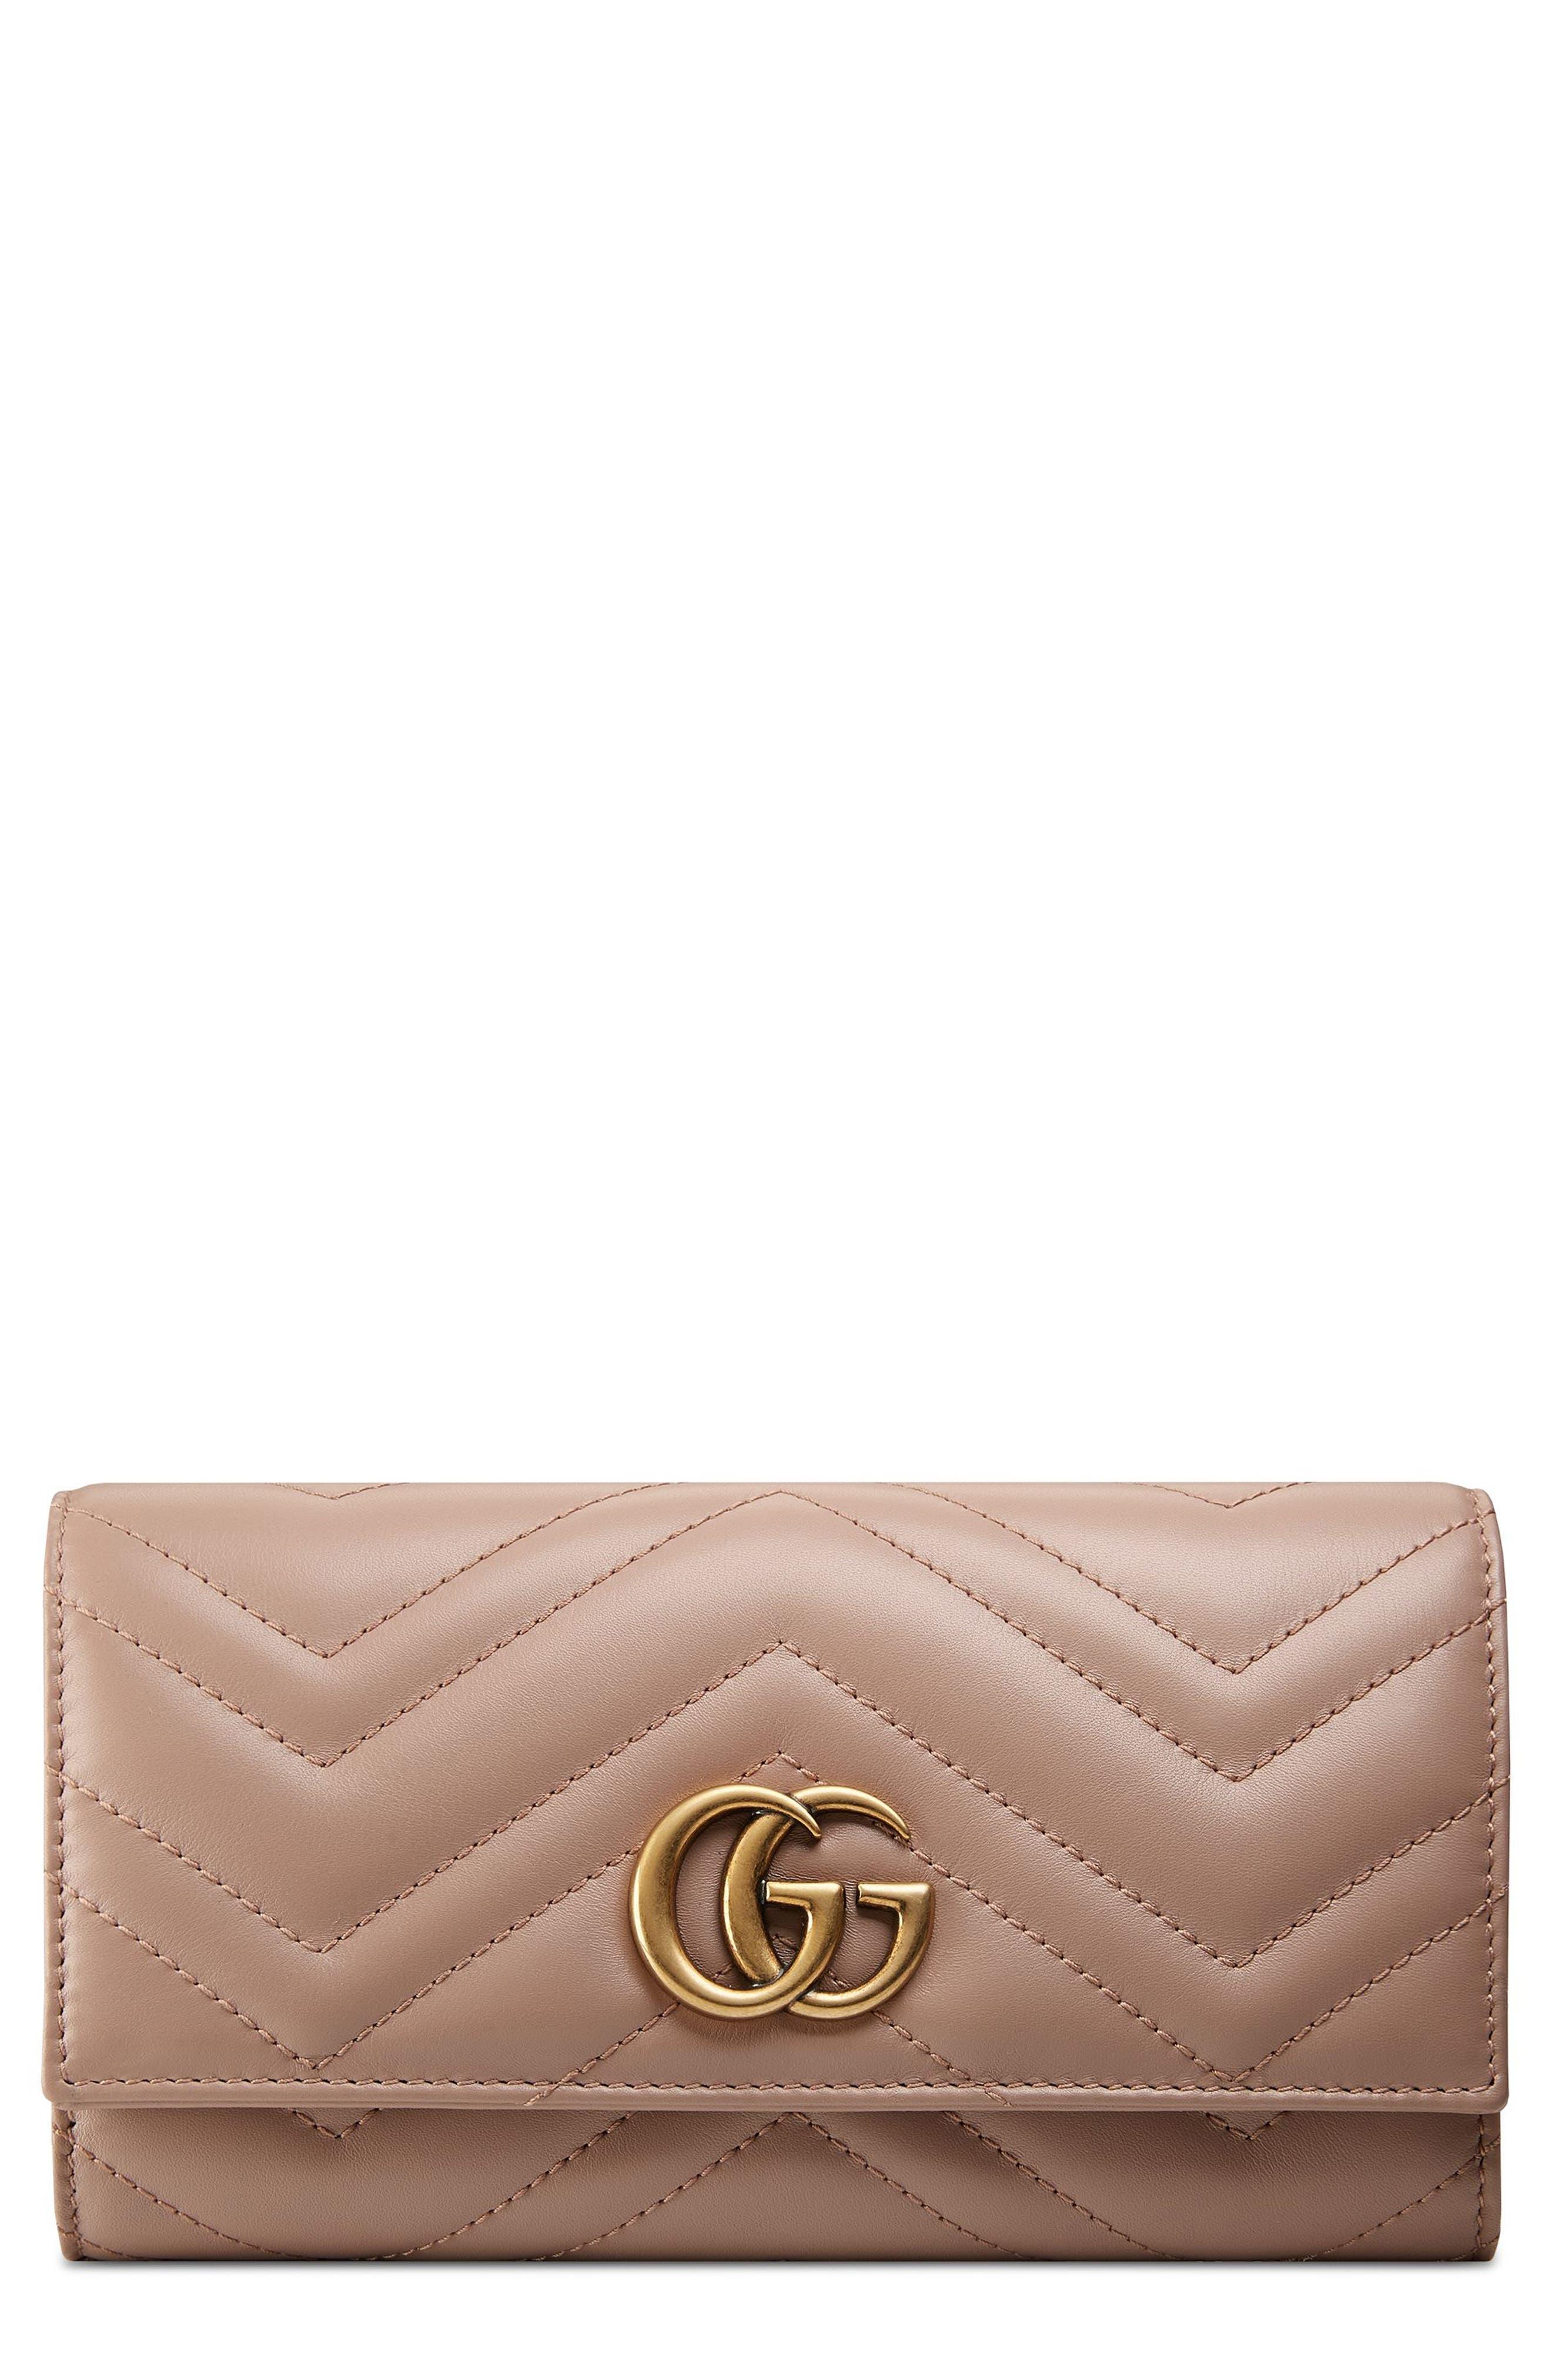 GG Marmont Matelassé Leather Continental Wallet,                             Main thumbnail 1, color,                             PORCELAIN ROSE